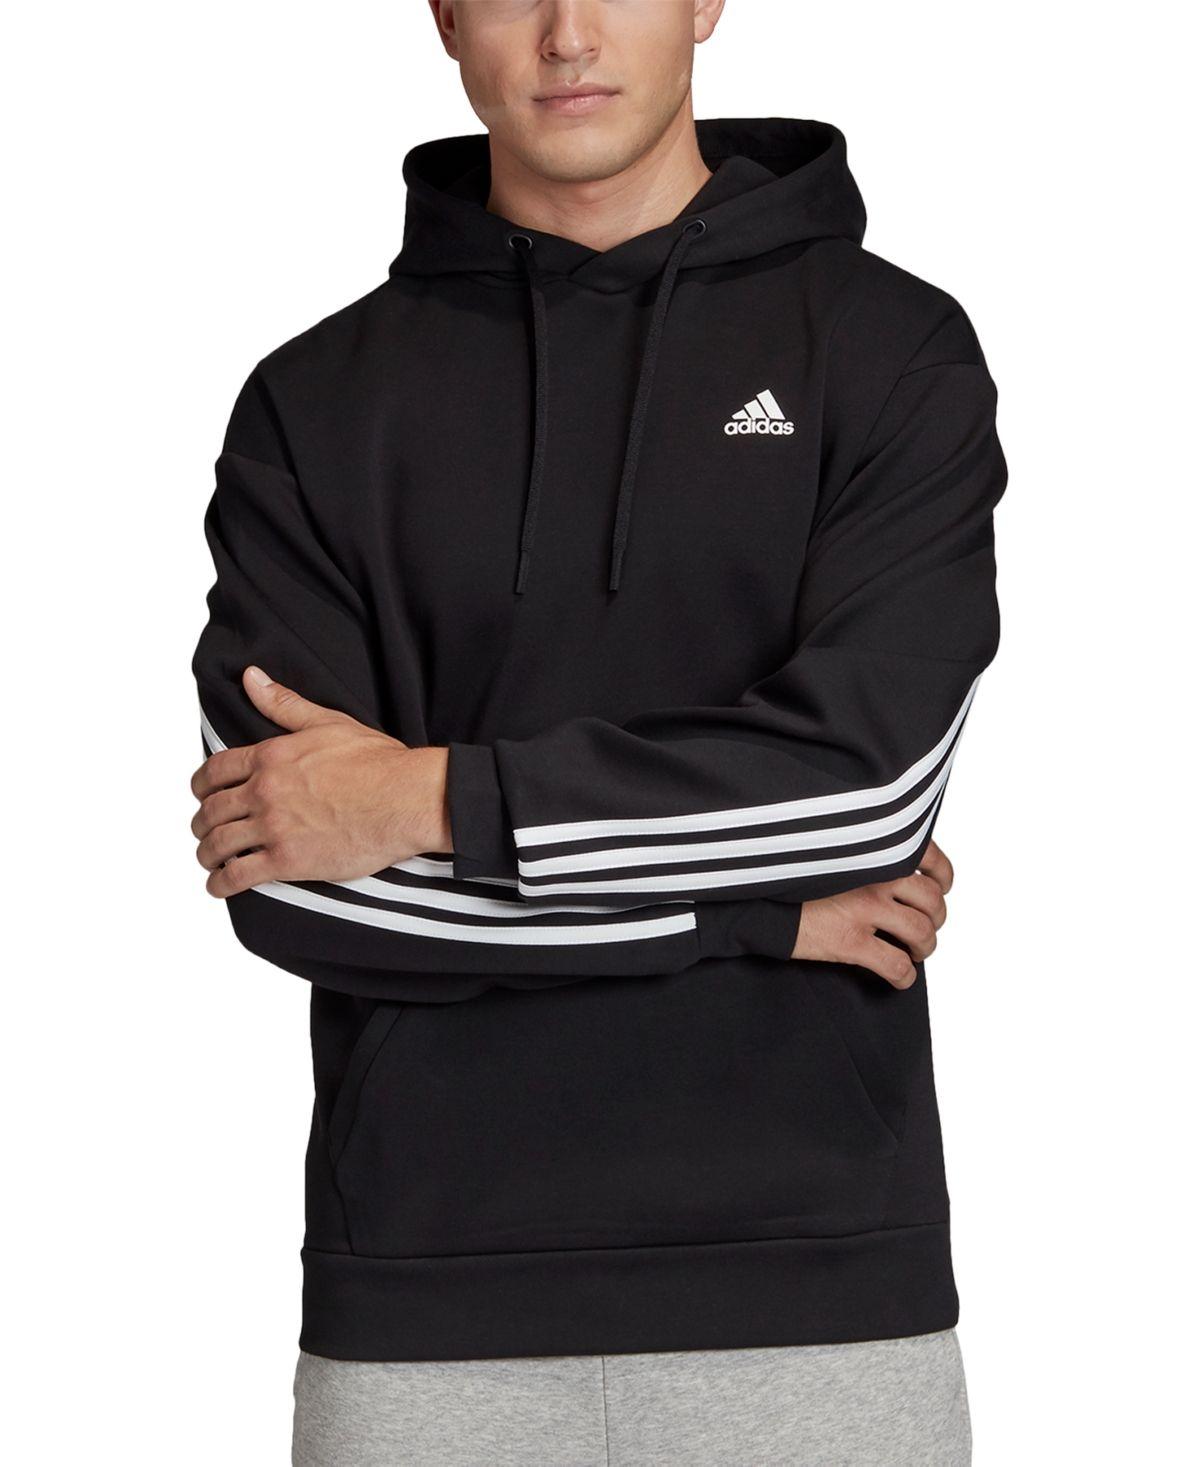 Adidas Men S 3 Stripe Hoodie Black In 2021 Adidas Jacket Women Hoodies Denim Jacket Men [ 1467 x 1200 Pixel ]